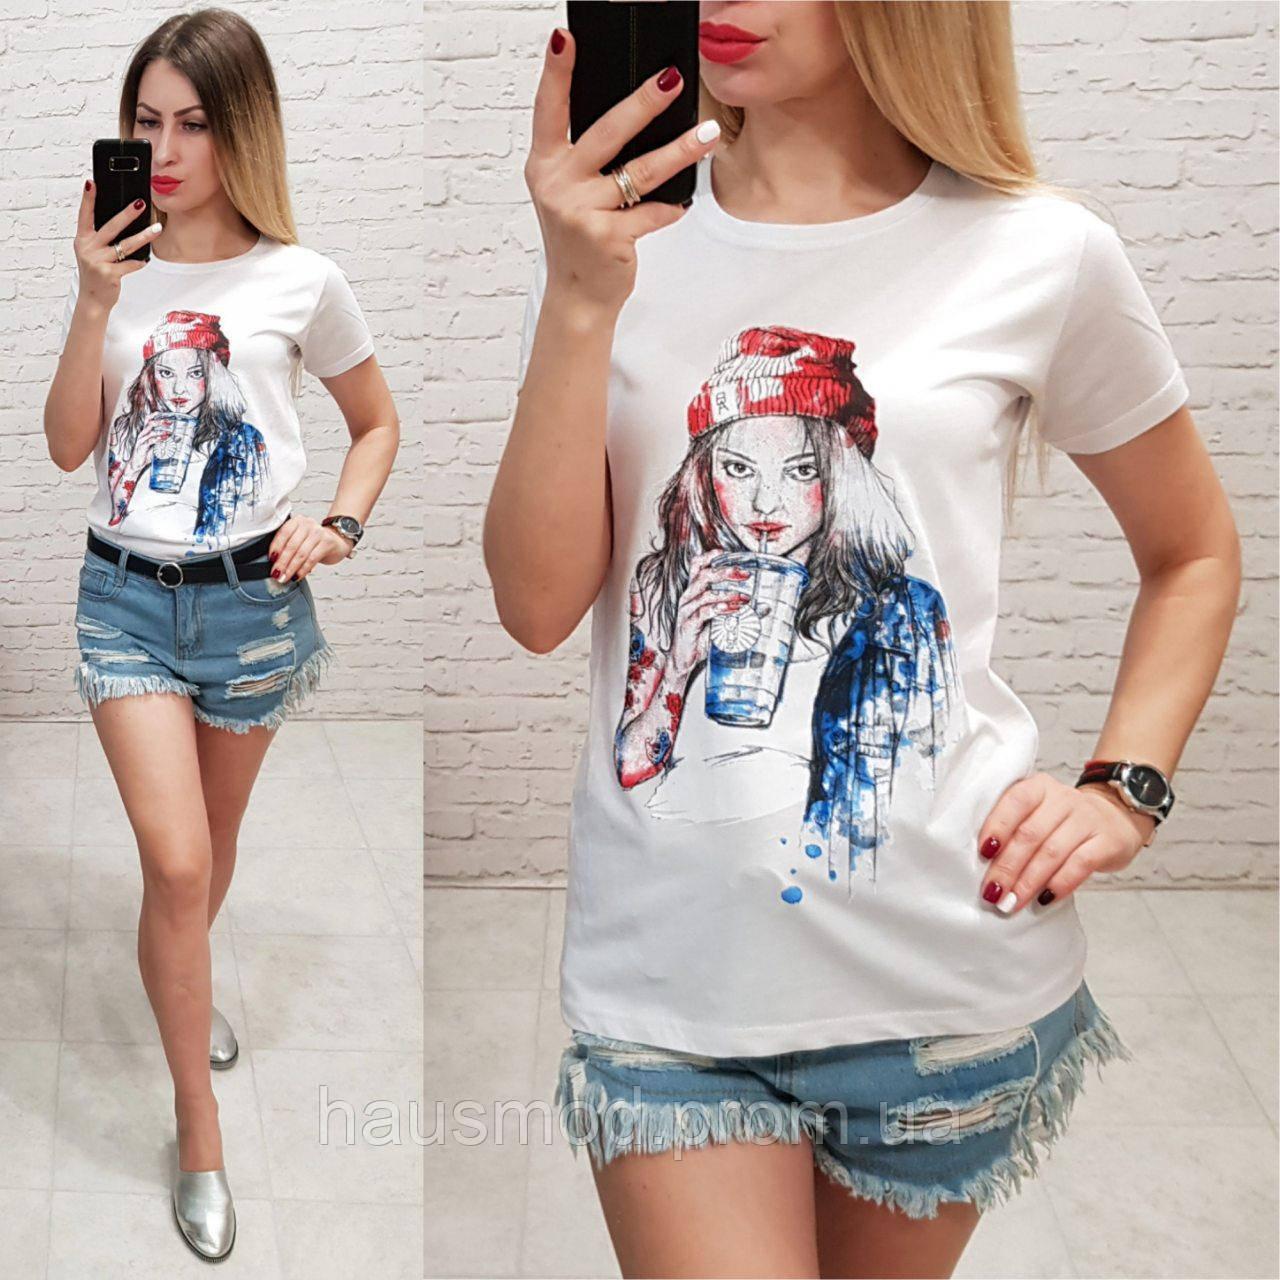 Женская футболка летняя рисунок Девушка 100% катон качество турция цвет белый